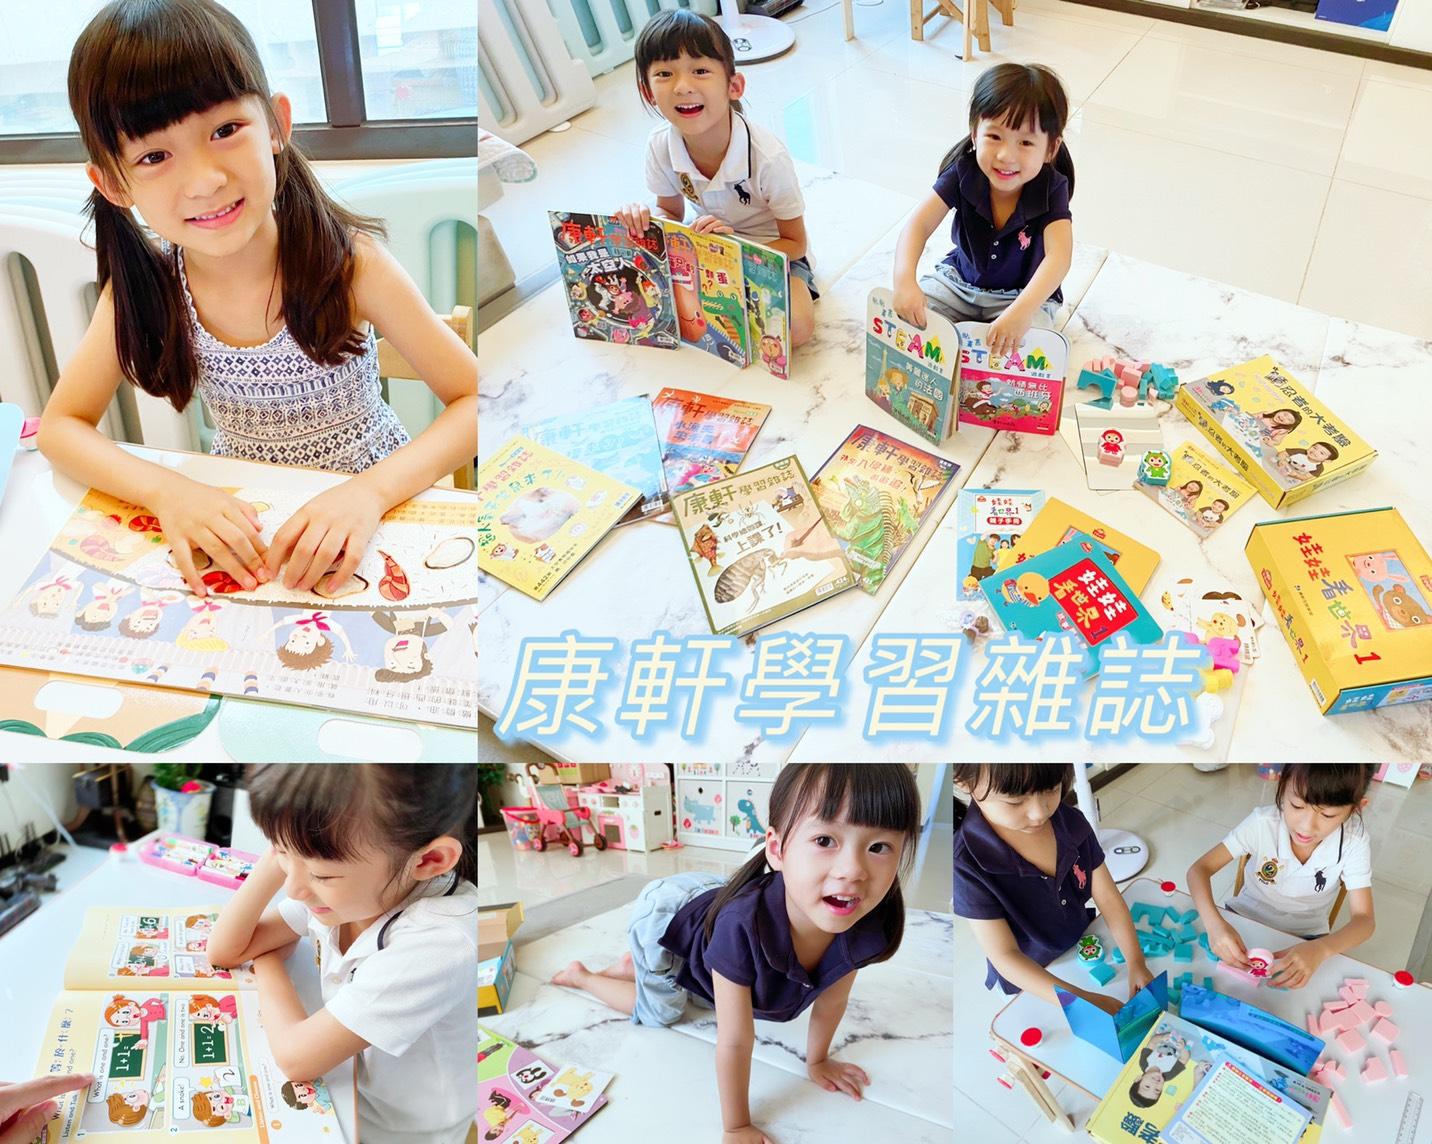 【團購】學齡前/初階/進階  康軒學習雜誌系列  最棒的蒙特梭利兒童書籍教材